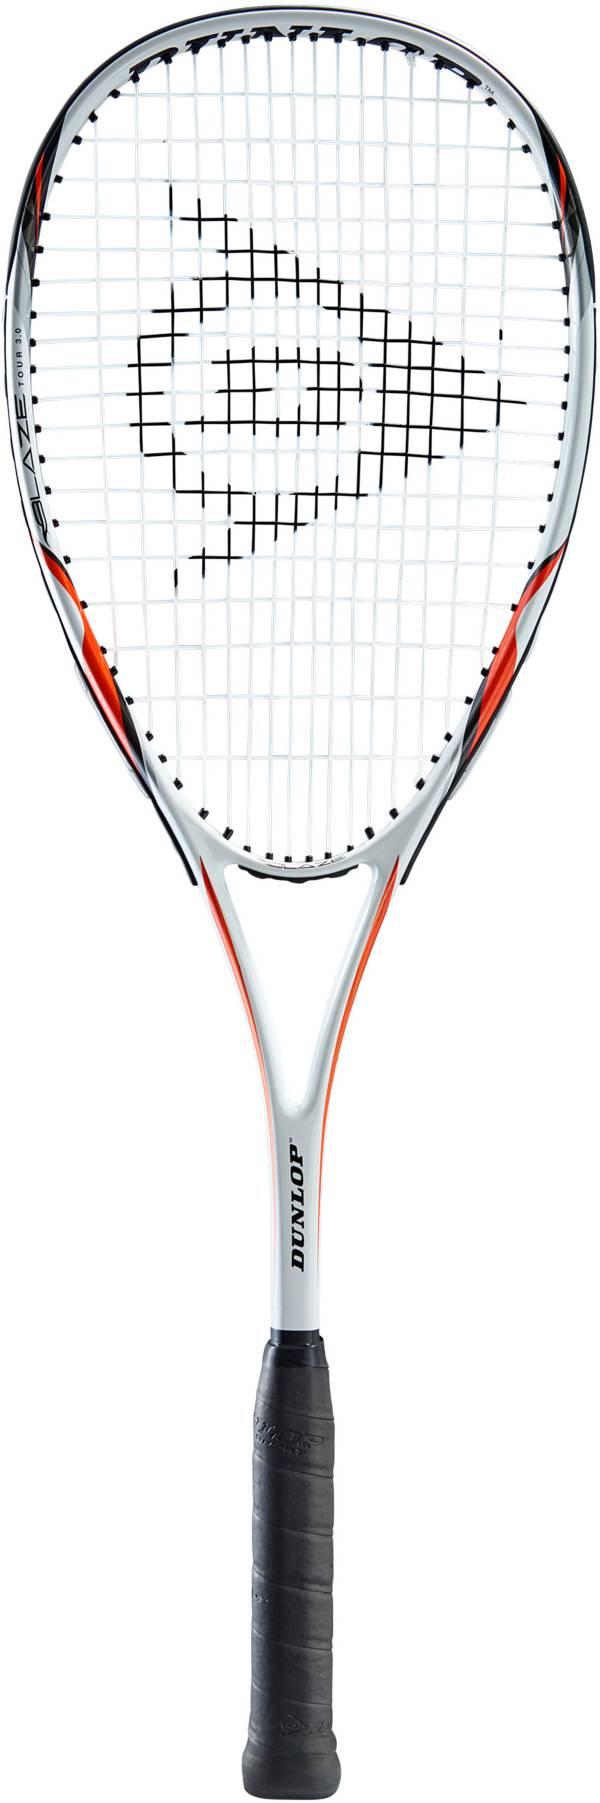 Dunlop Blaze Tour 3.0 Squash Racquet product image